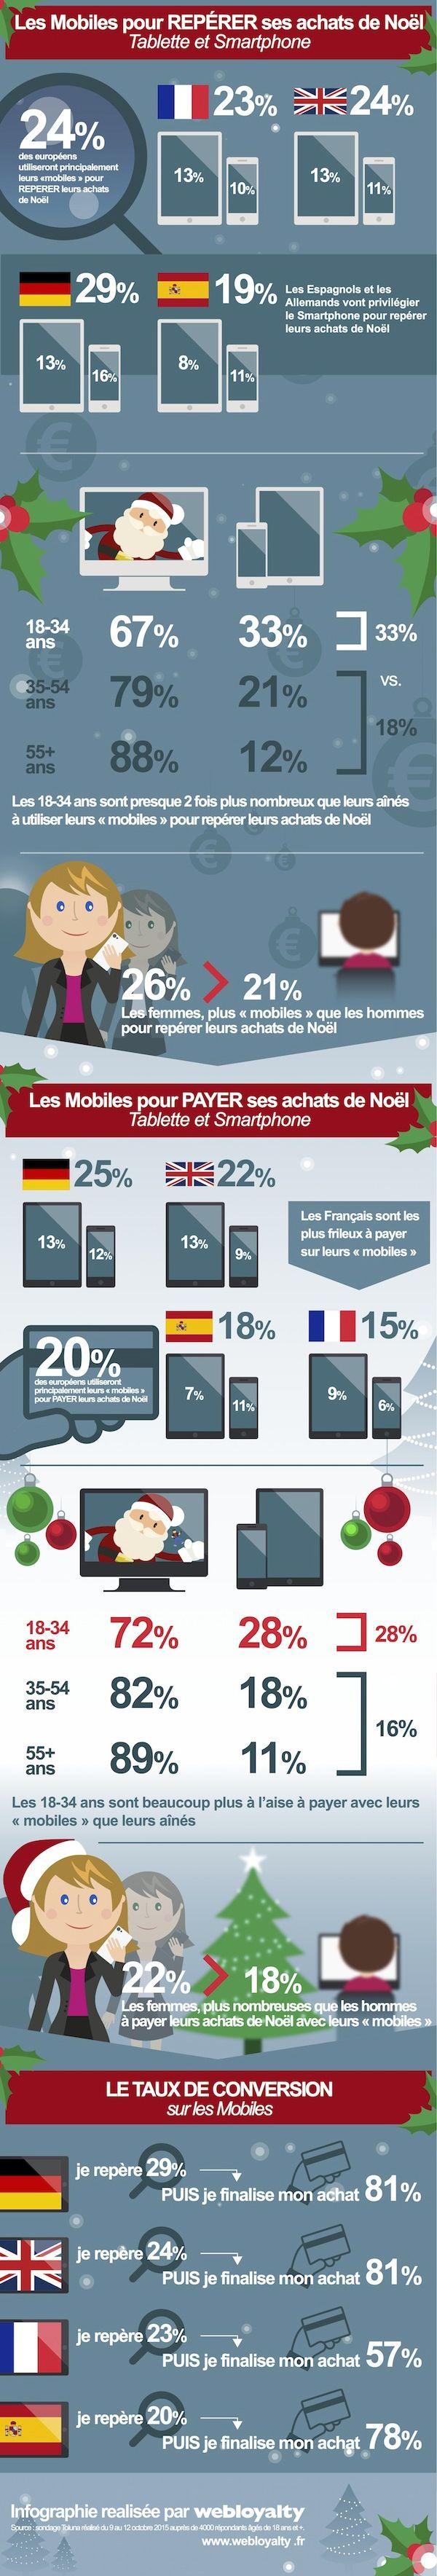 [Infographie #WEBLOYALTY France] Les tablettes et smartphones pour repérer ses achats de Noël. : Capitaine Commerce 3.6